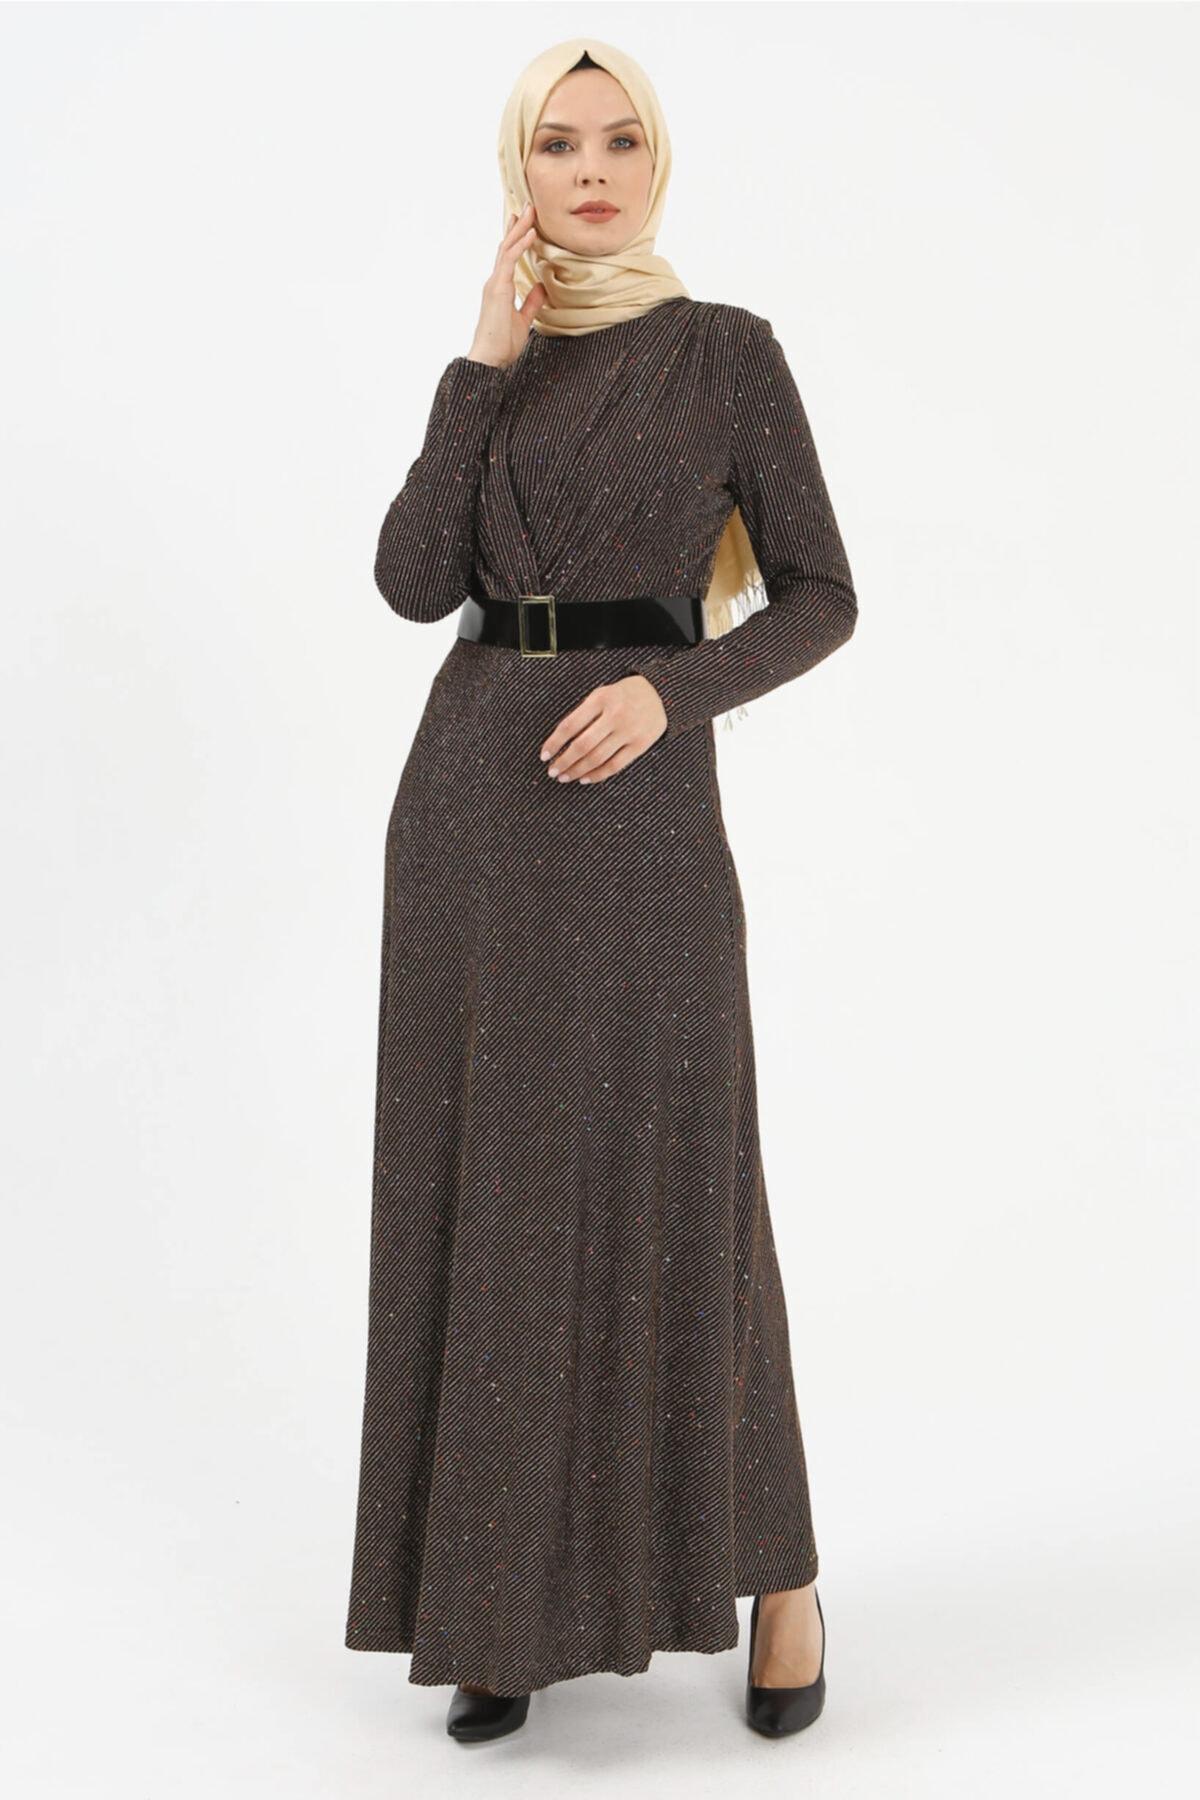 Setrms Işıltılı Kruvaze Yaka Detaylı Kemerli Elbise 2